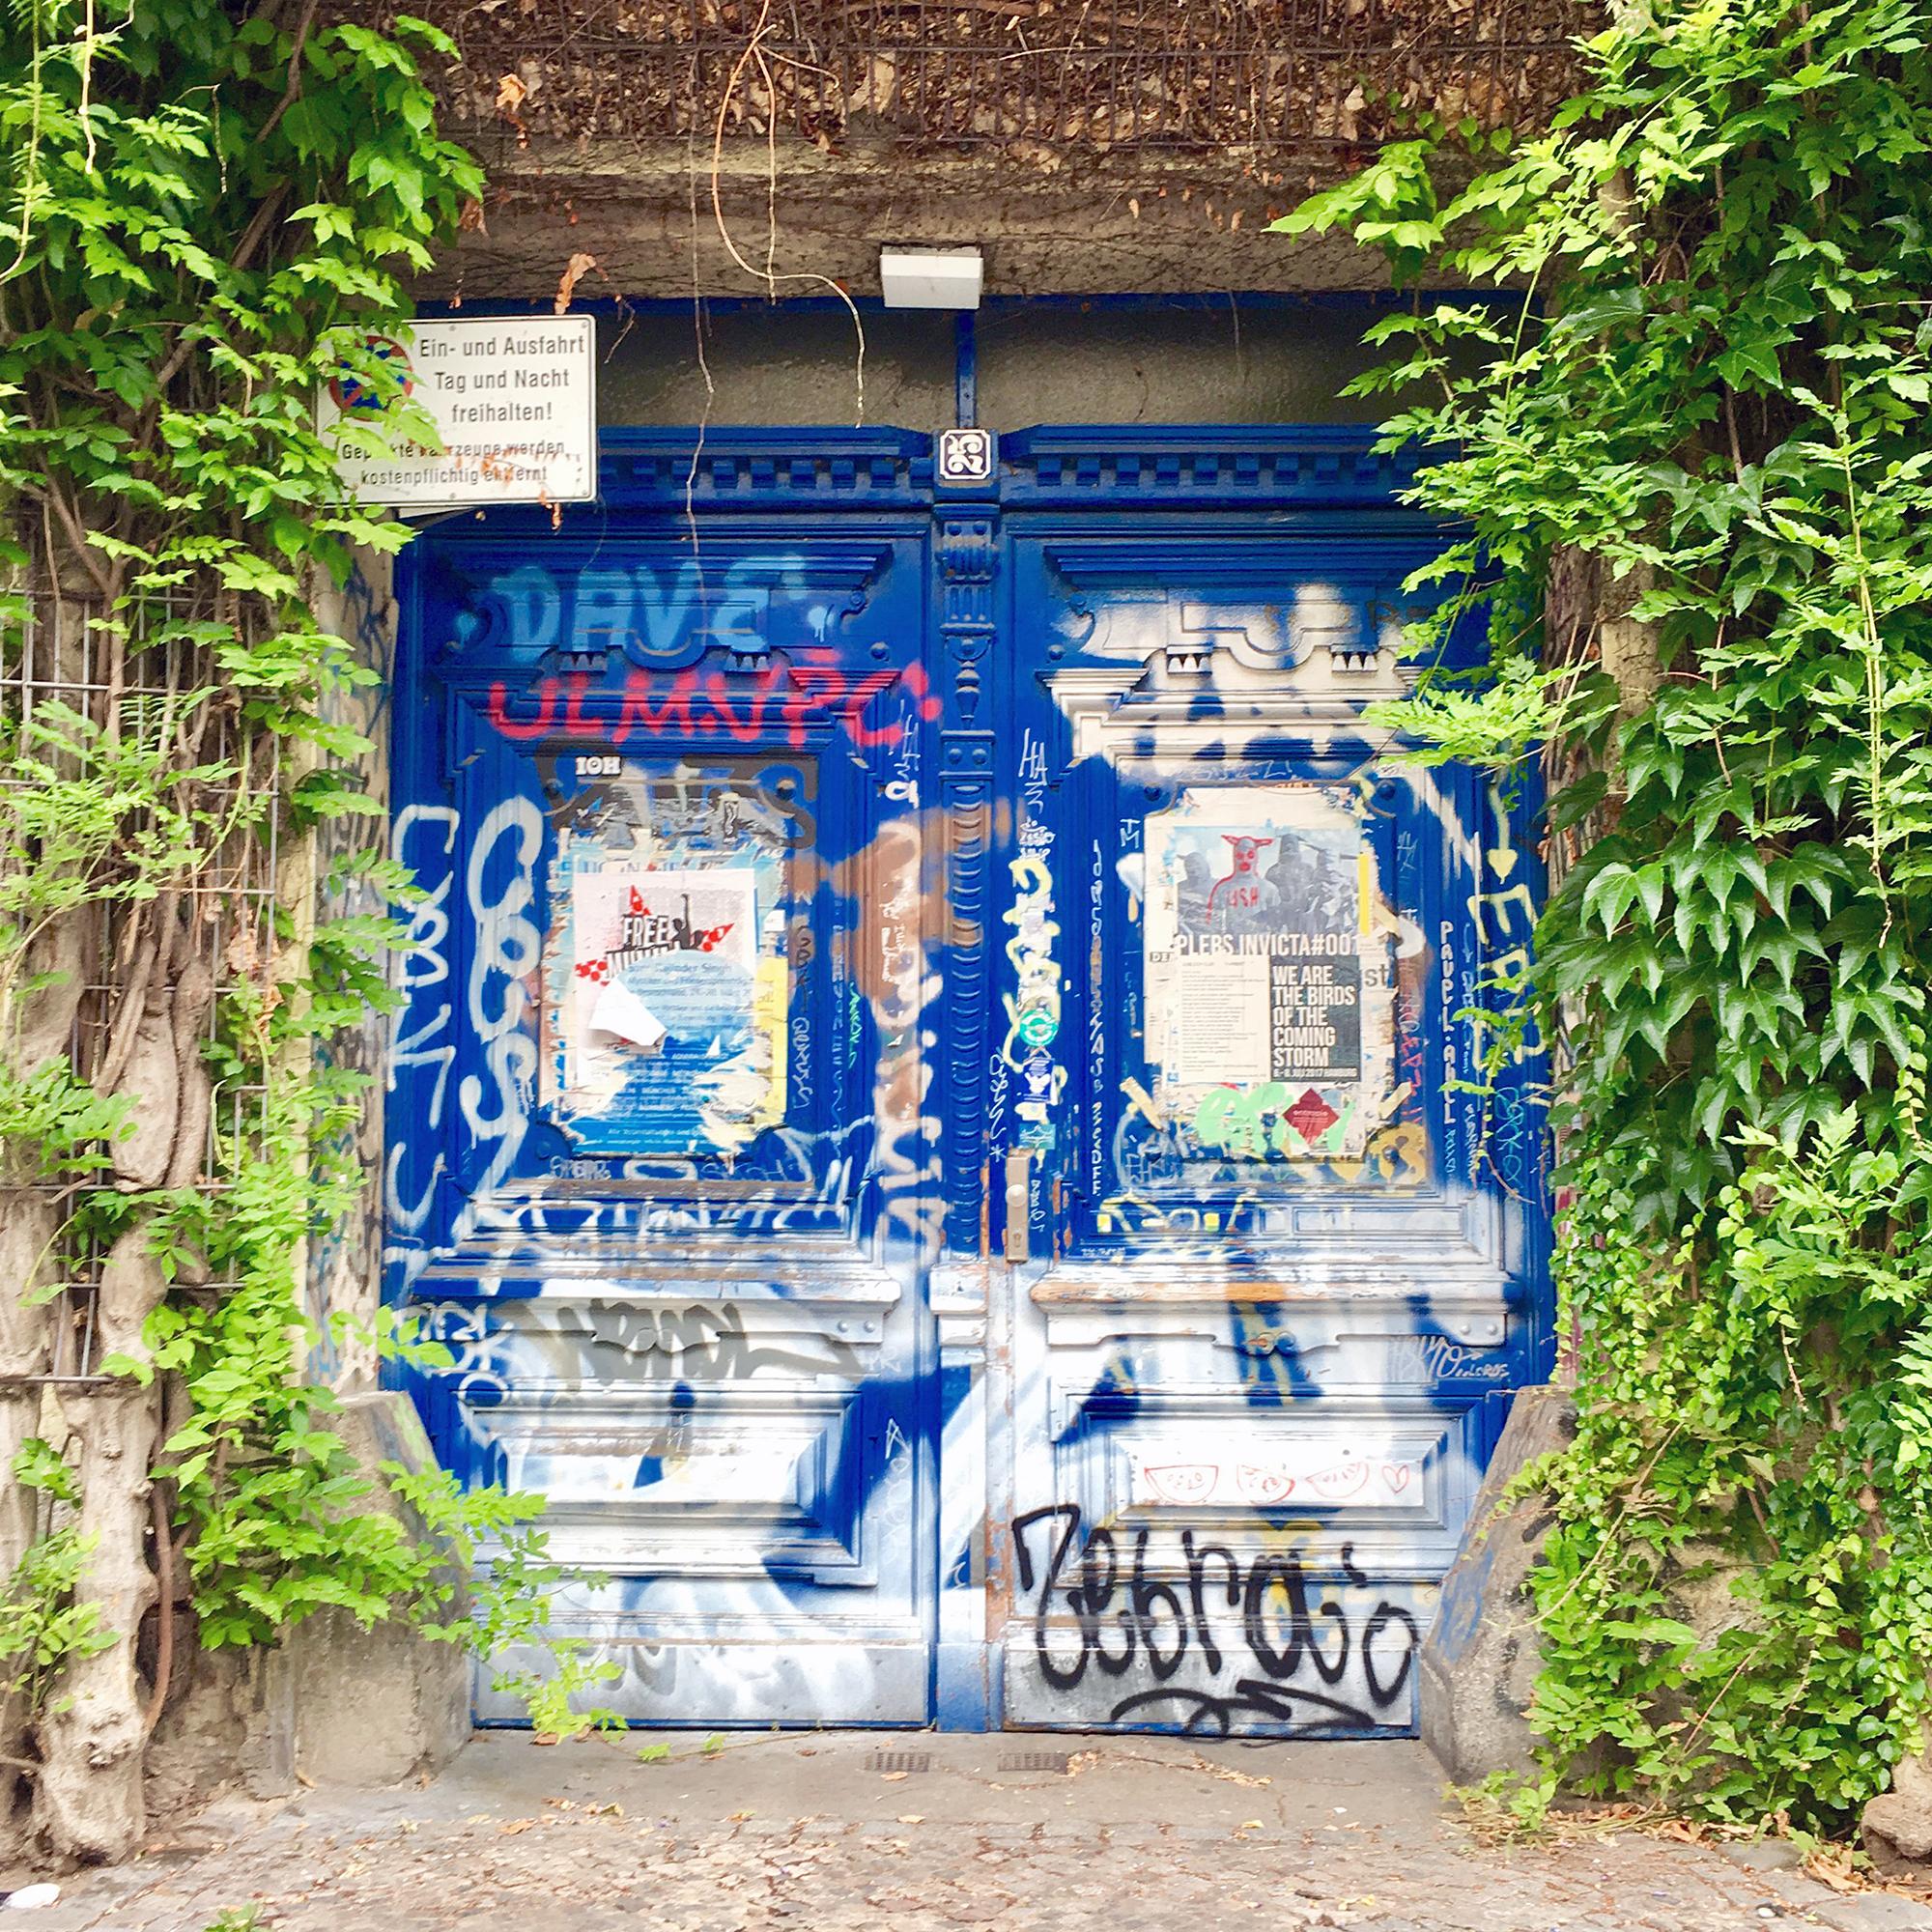 #doorsofinstagram: Berlin